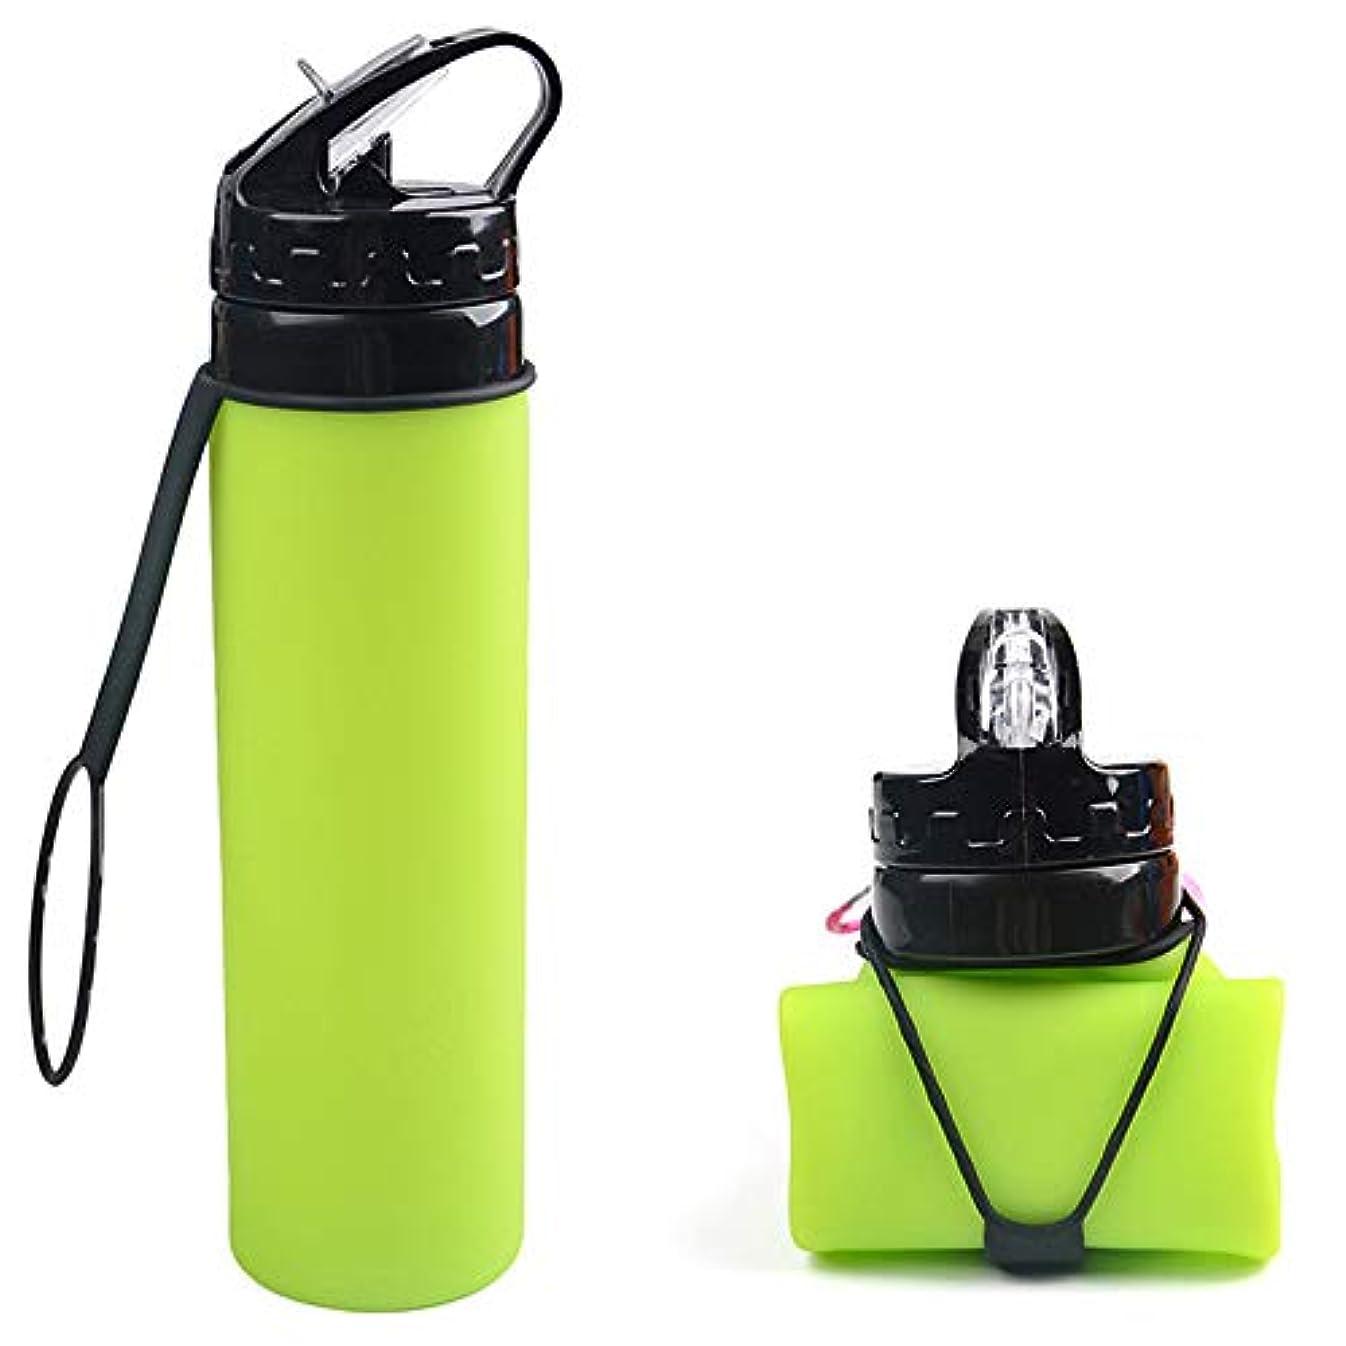 第九同盟泥棒シリコーンの望遠鏡のやかんの屋外のハイキング旅行大容量の折る飲むコップ (色 : 緑)